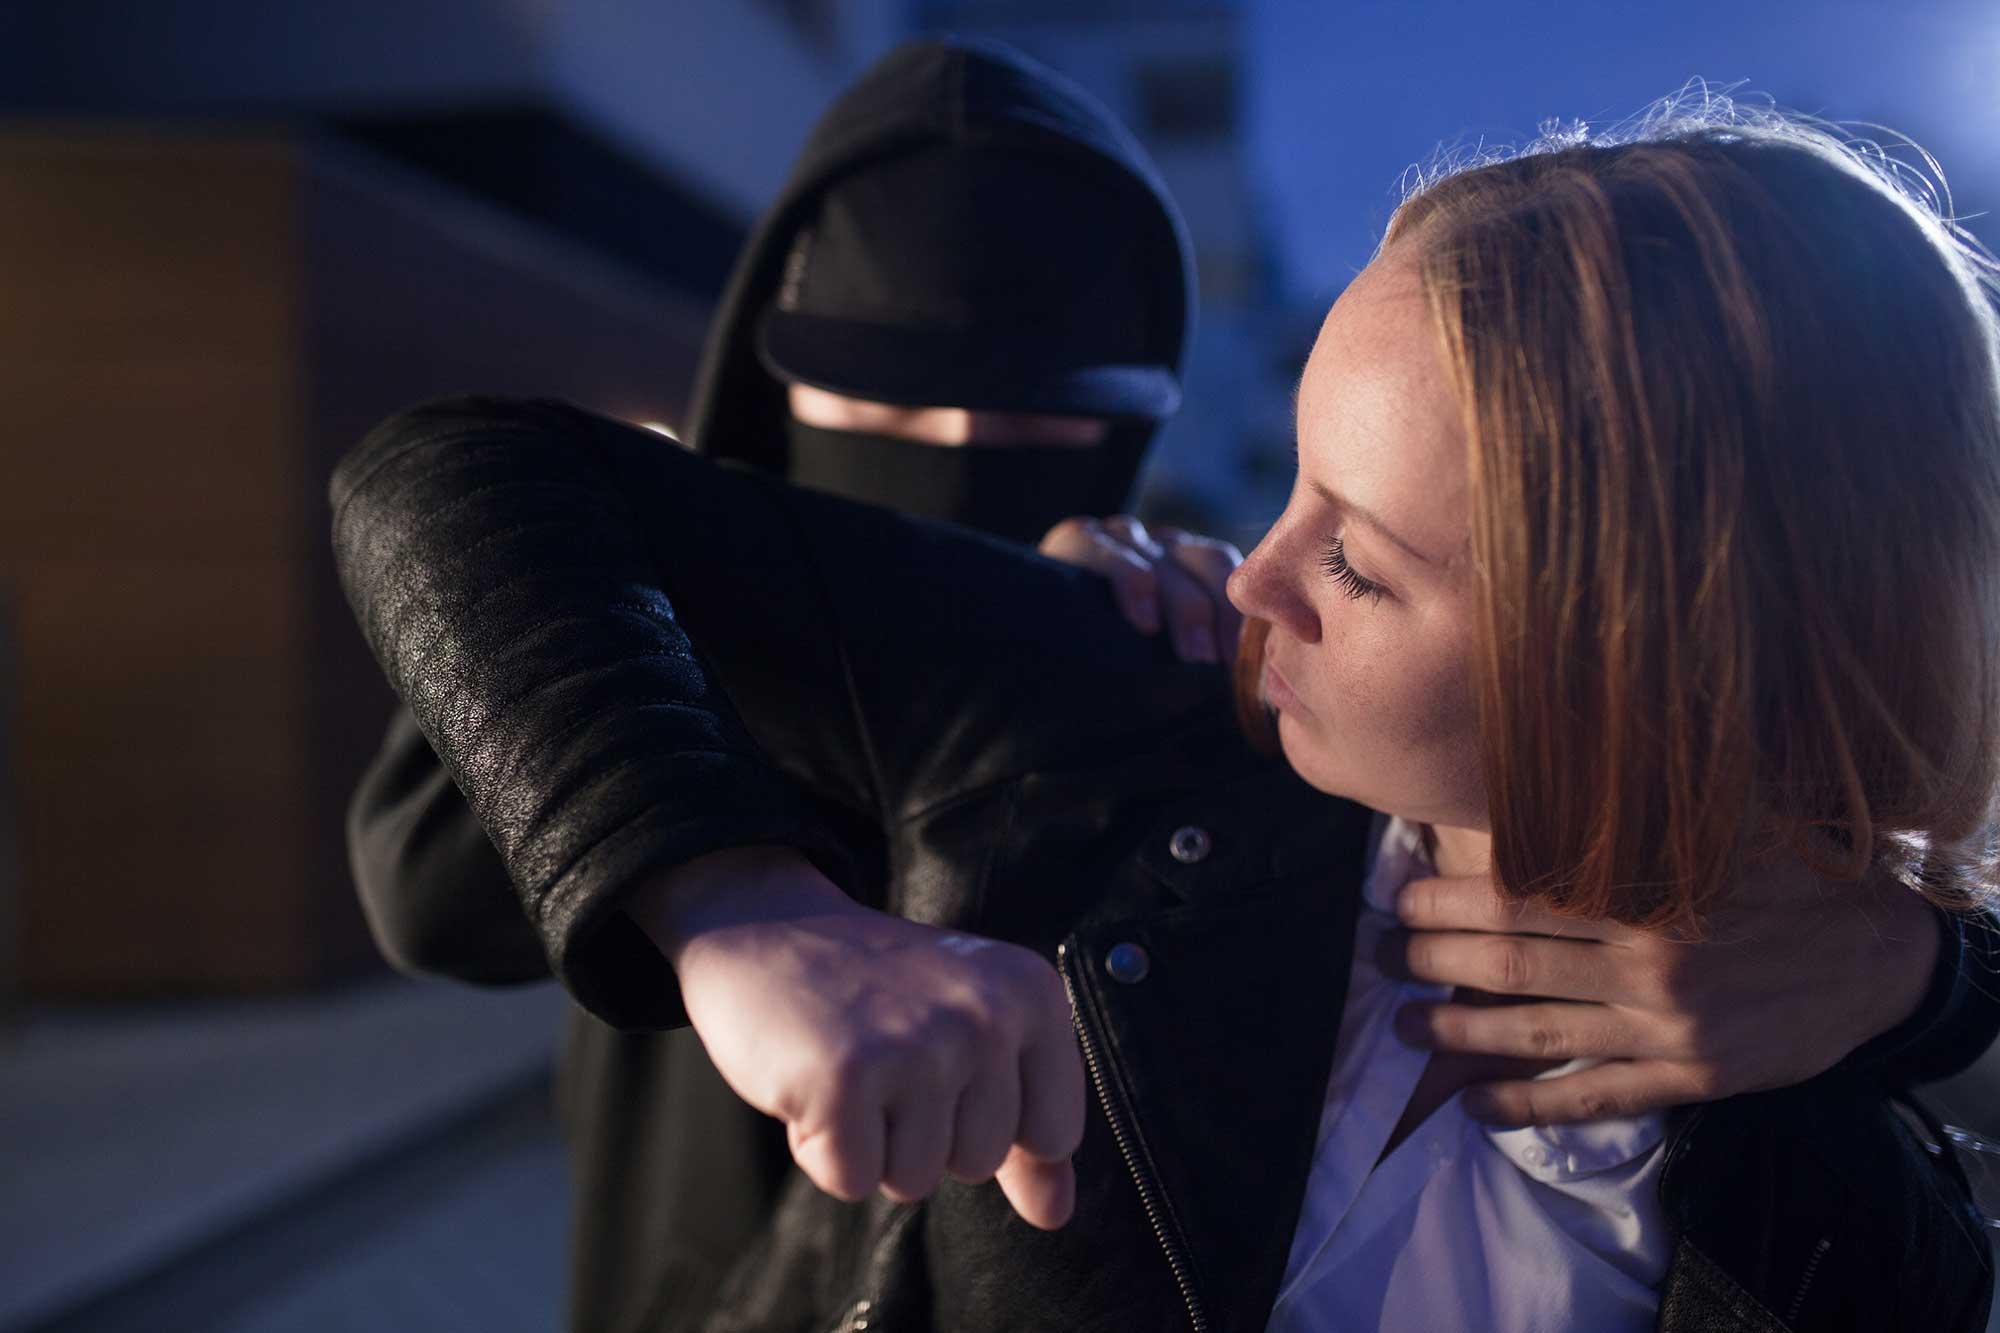 Self Defense Training San Diego